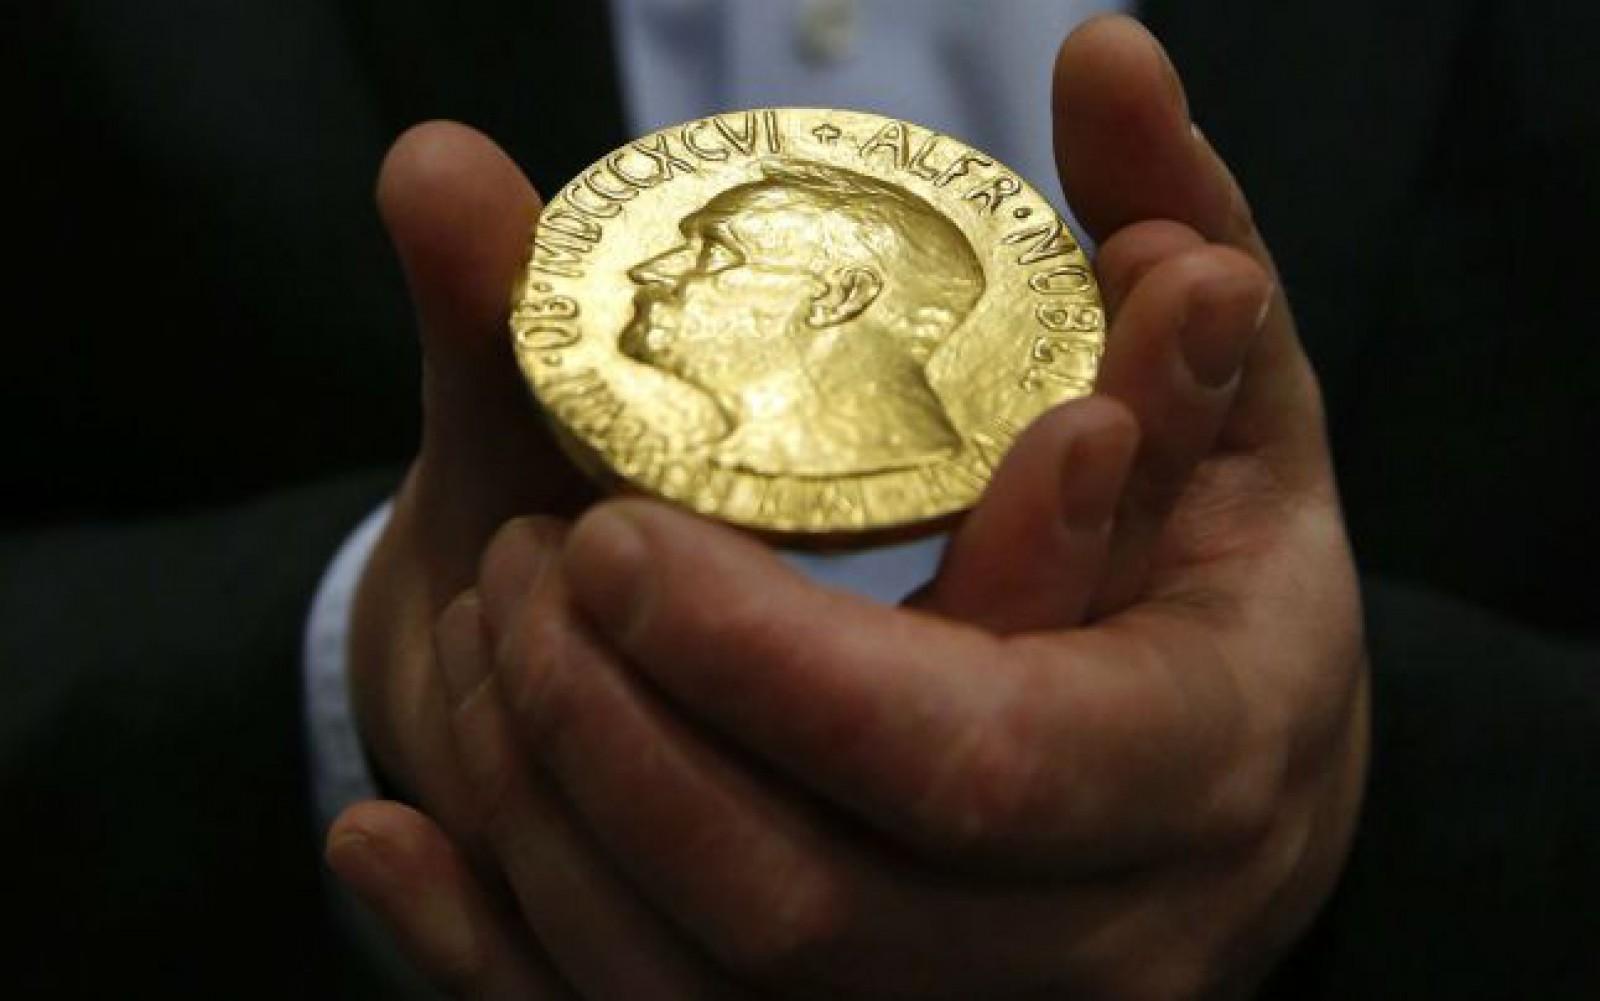 Premiul Nobel pentru Literatură nu va fi decernat anul acesta ca urmare a unui scandal de hărțuire sexuală cu care se confruntă forul